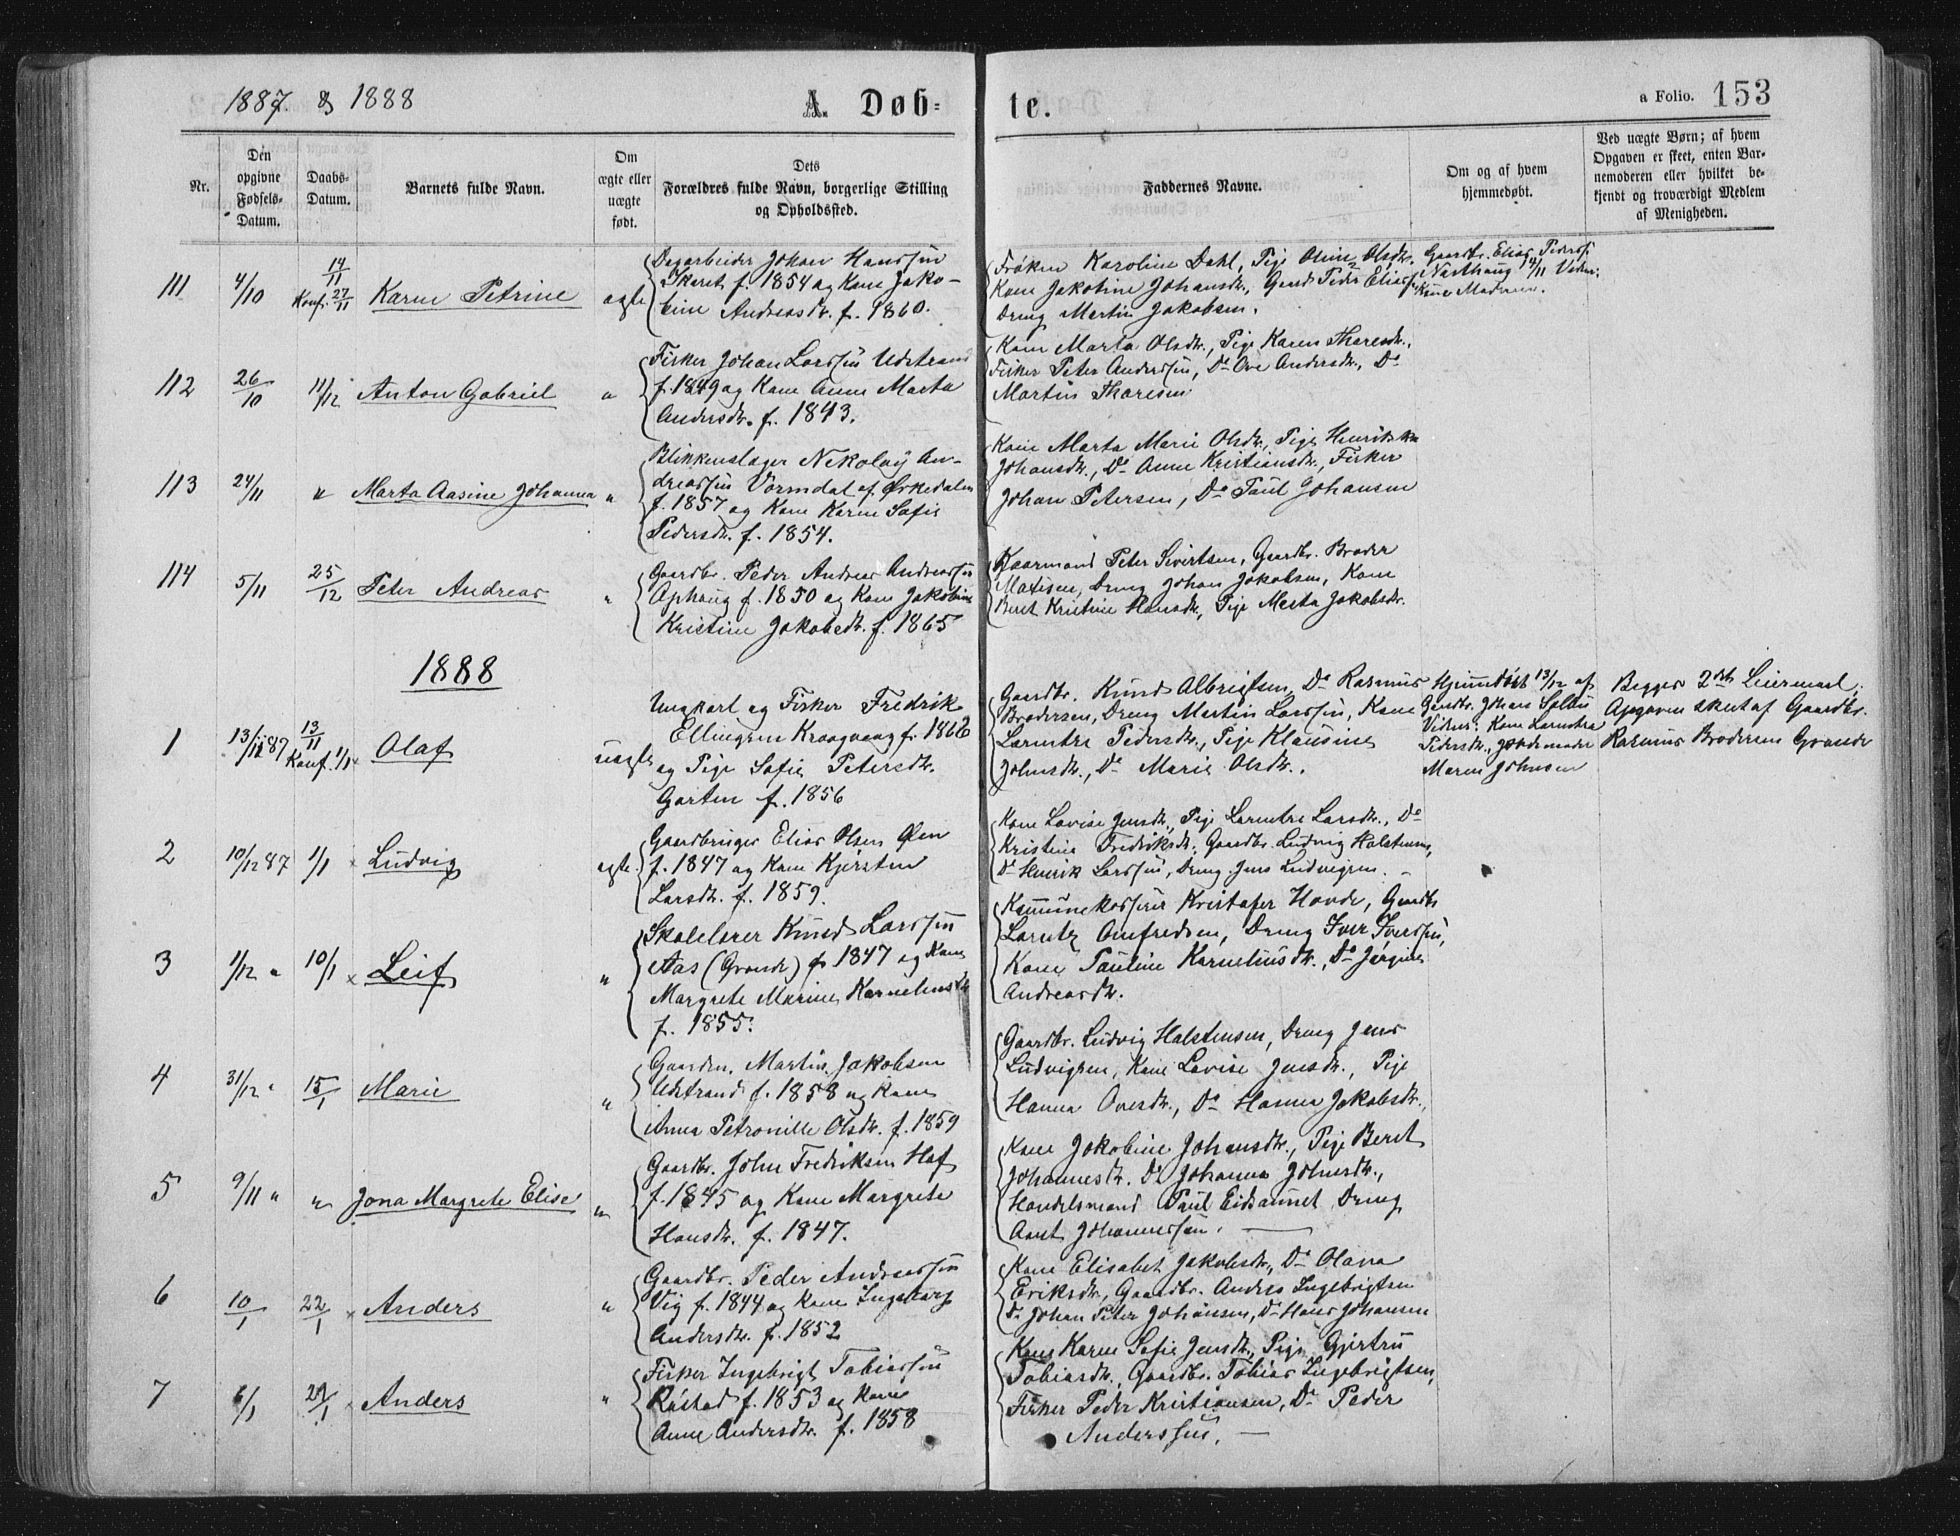 SAT, Ministerialprotokoller, klokkerbøker og fødselsregistre - Sør-Trøndelag, 659/L0745: Klokkerbok nr. 659C02, 1869-1892, s. 153